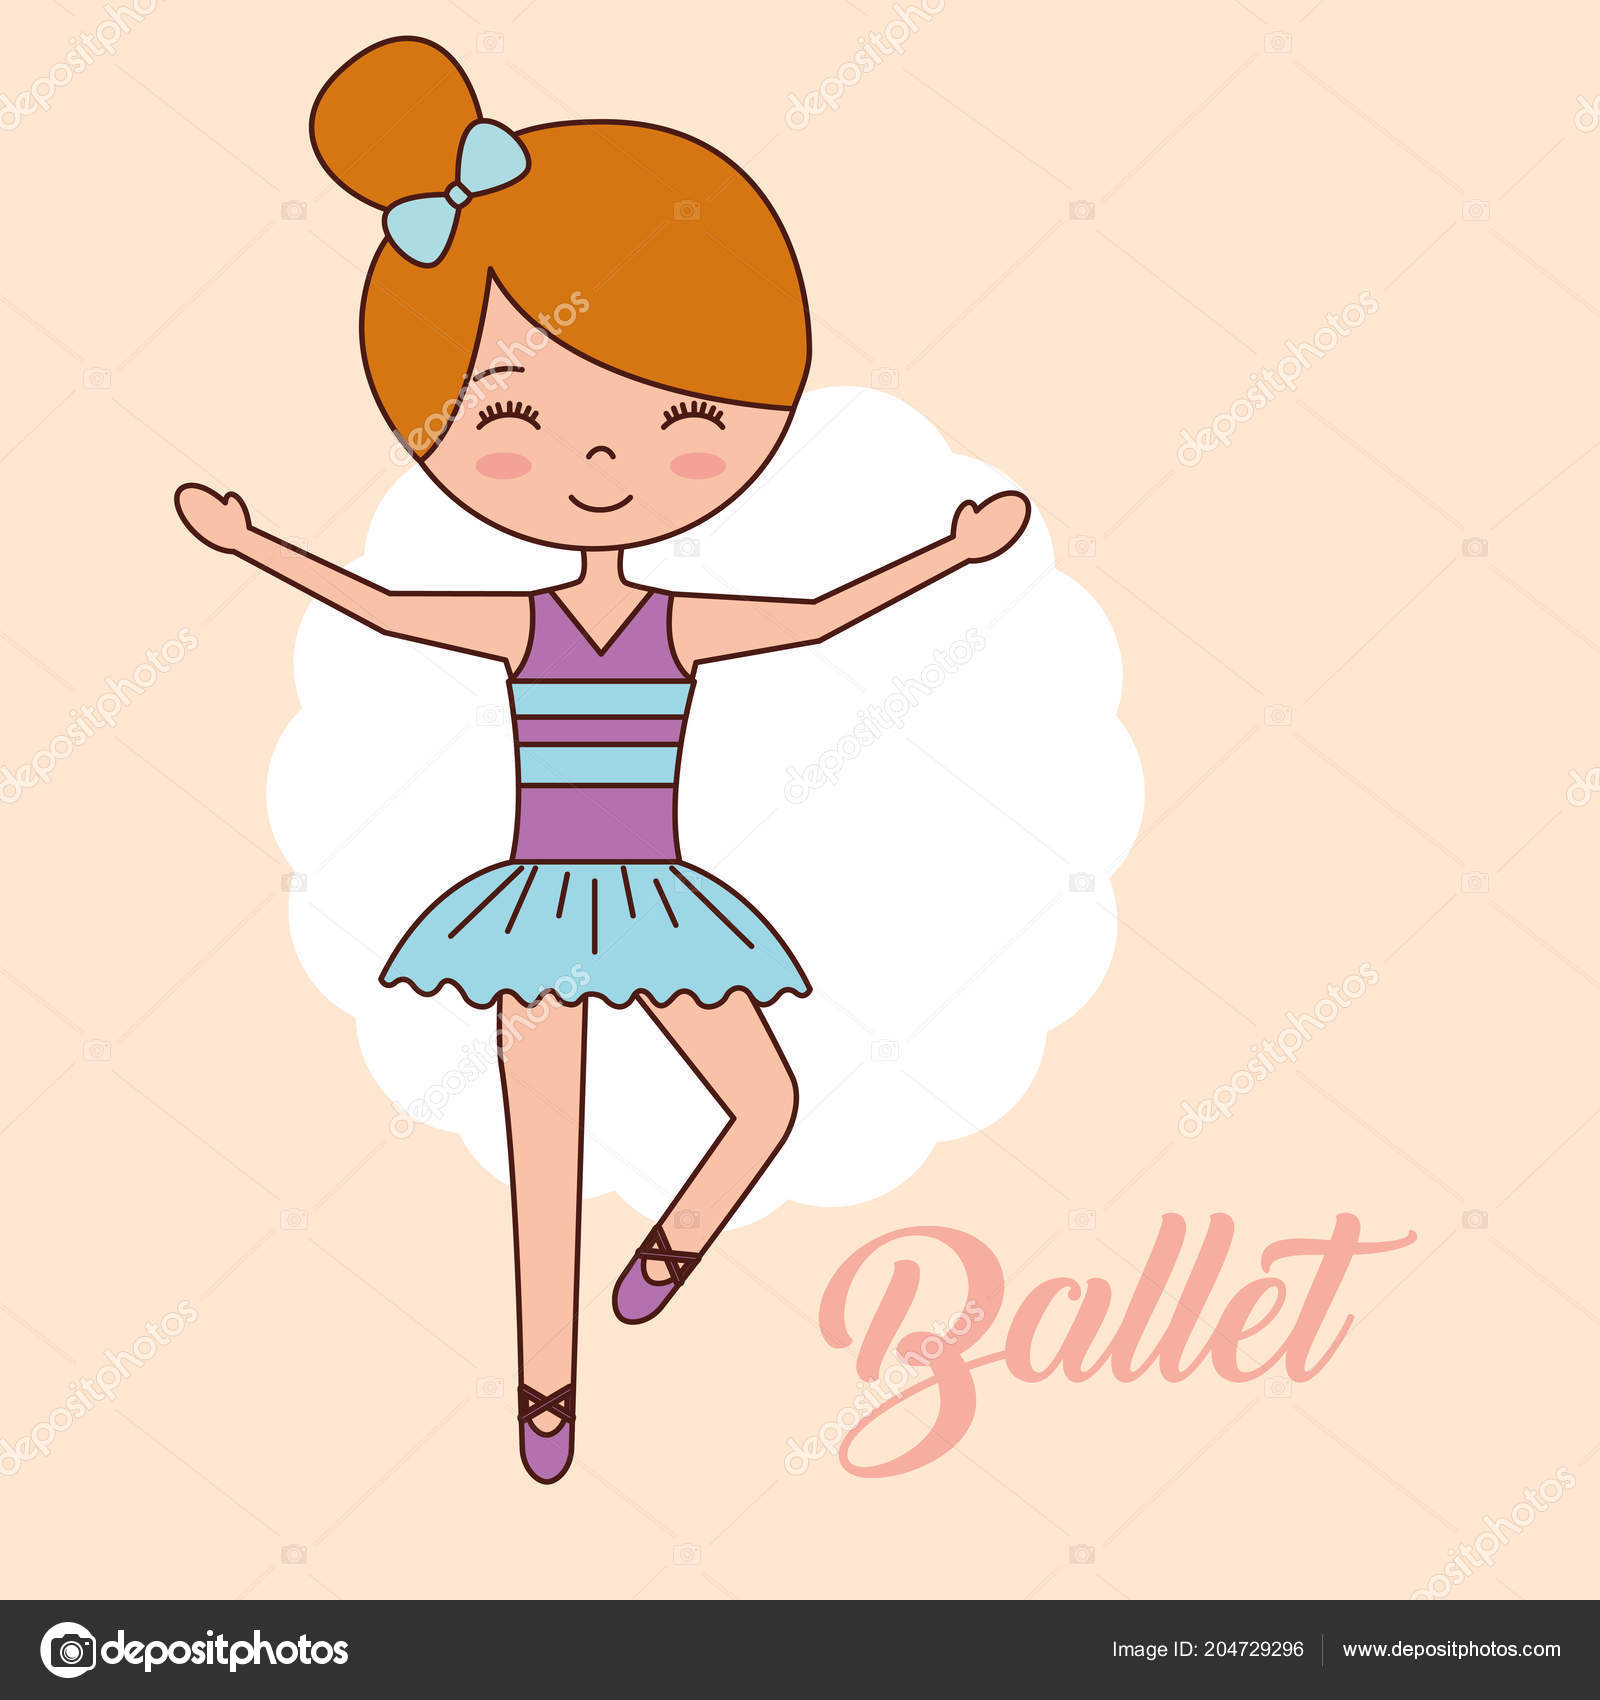 Desenho De Linha Continuo Ilustracao Mostra Uma Bailarina Em